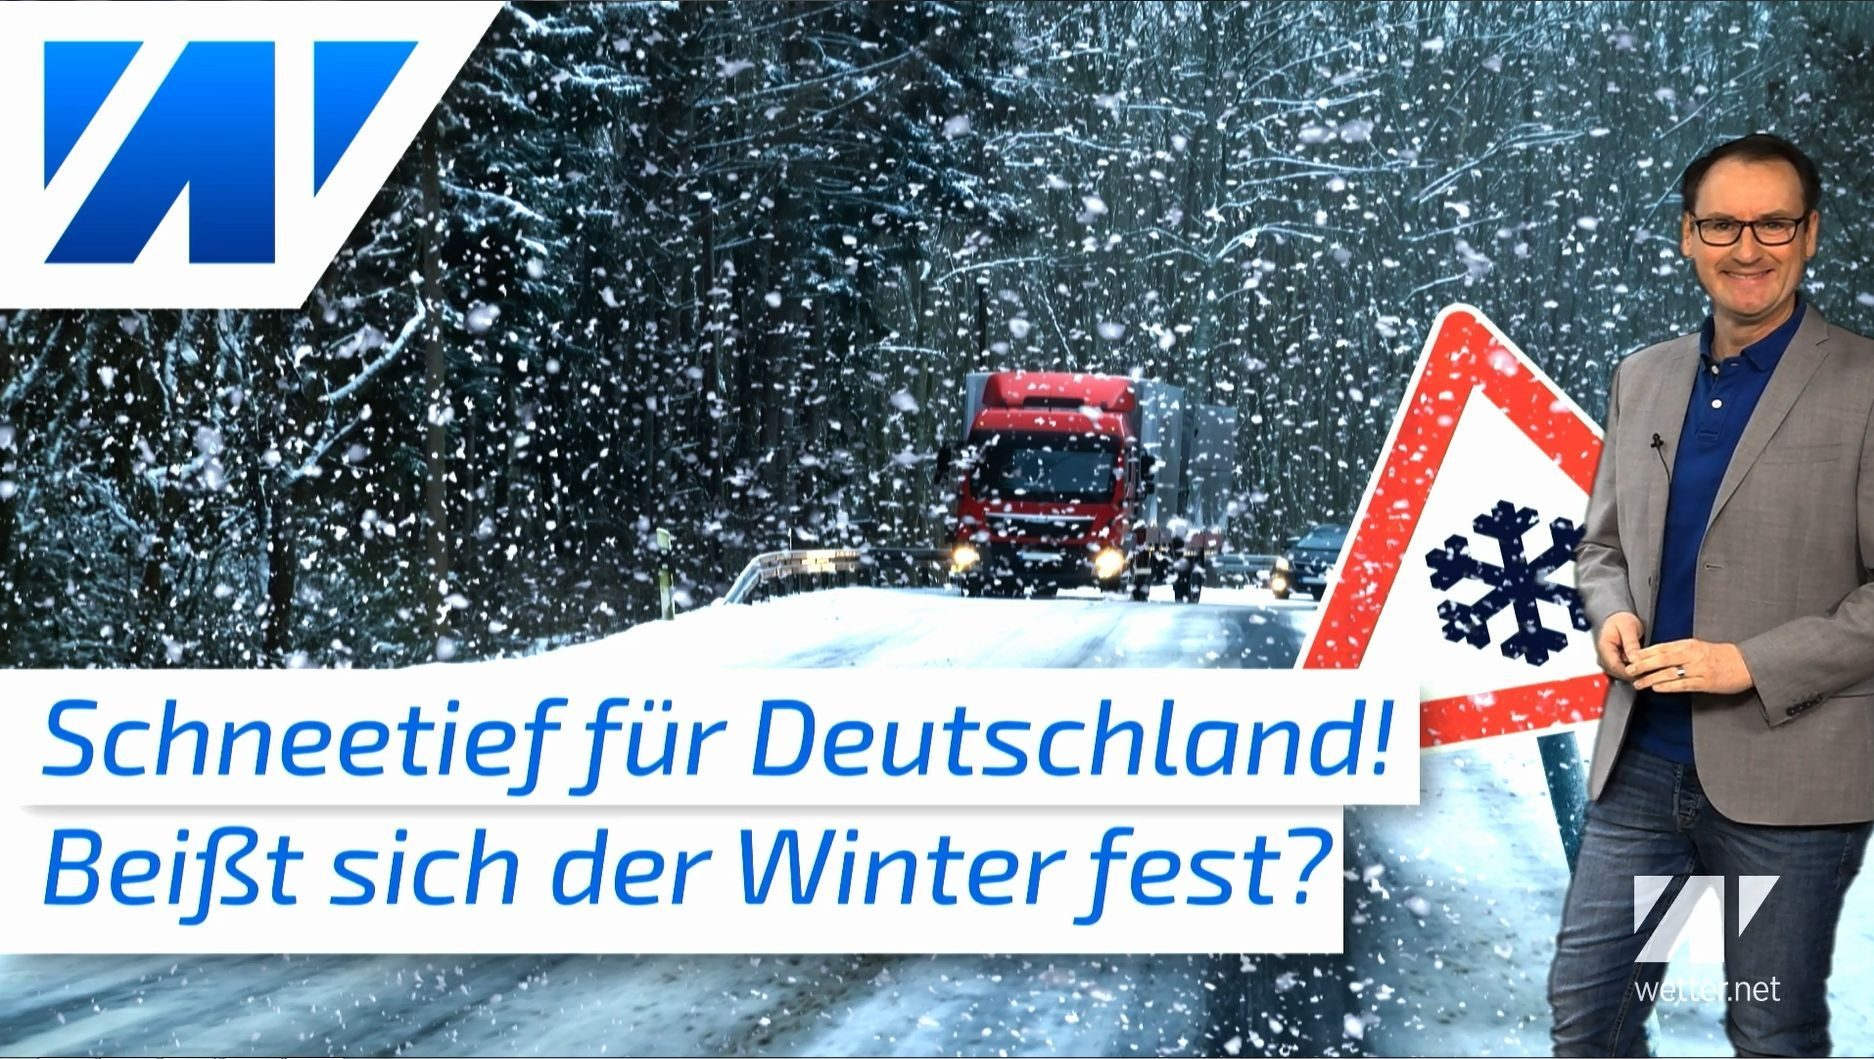 Winterwetter für alle? Schneewarnung für den Sonntag!